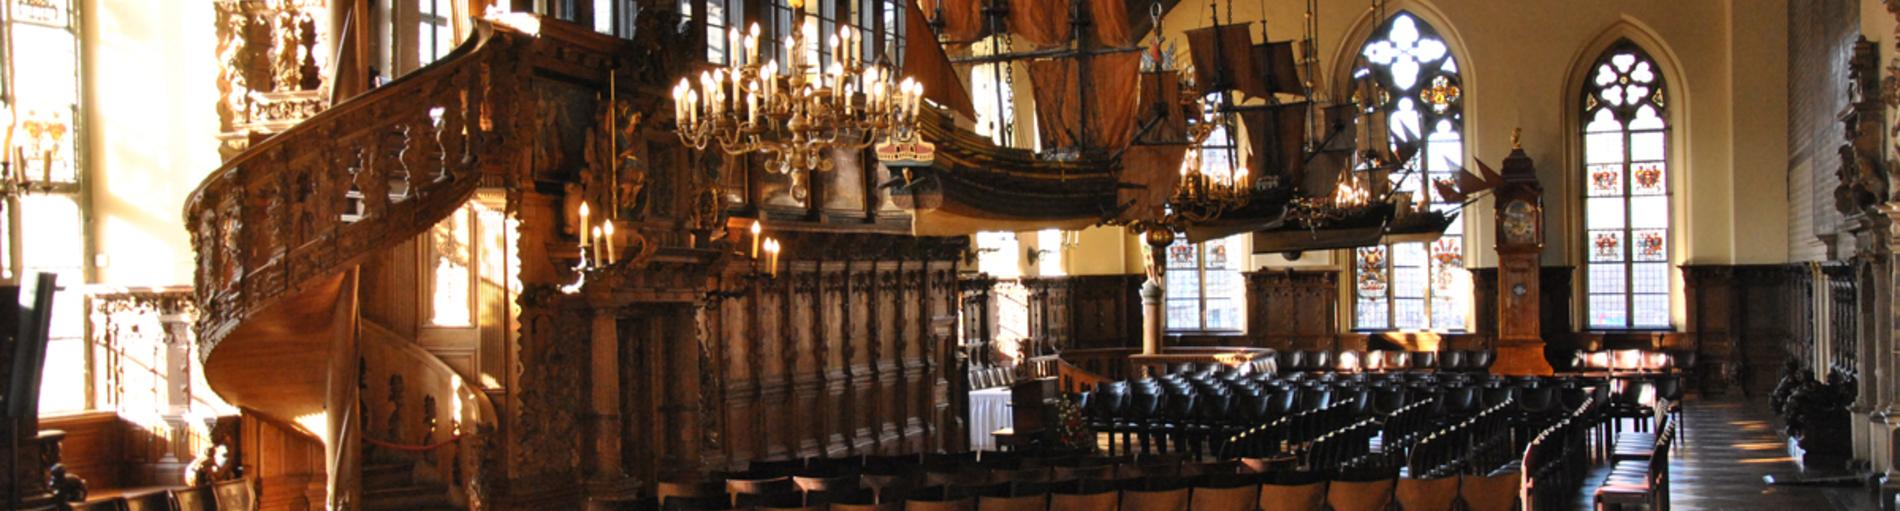 Obere Rathaushalle im Bremer Rathaus (Quelle: Senatskanzlei Bremen)